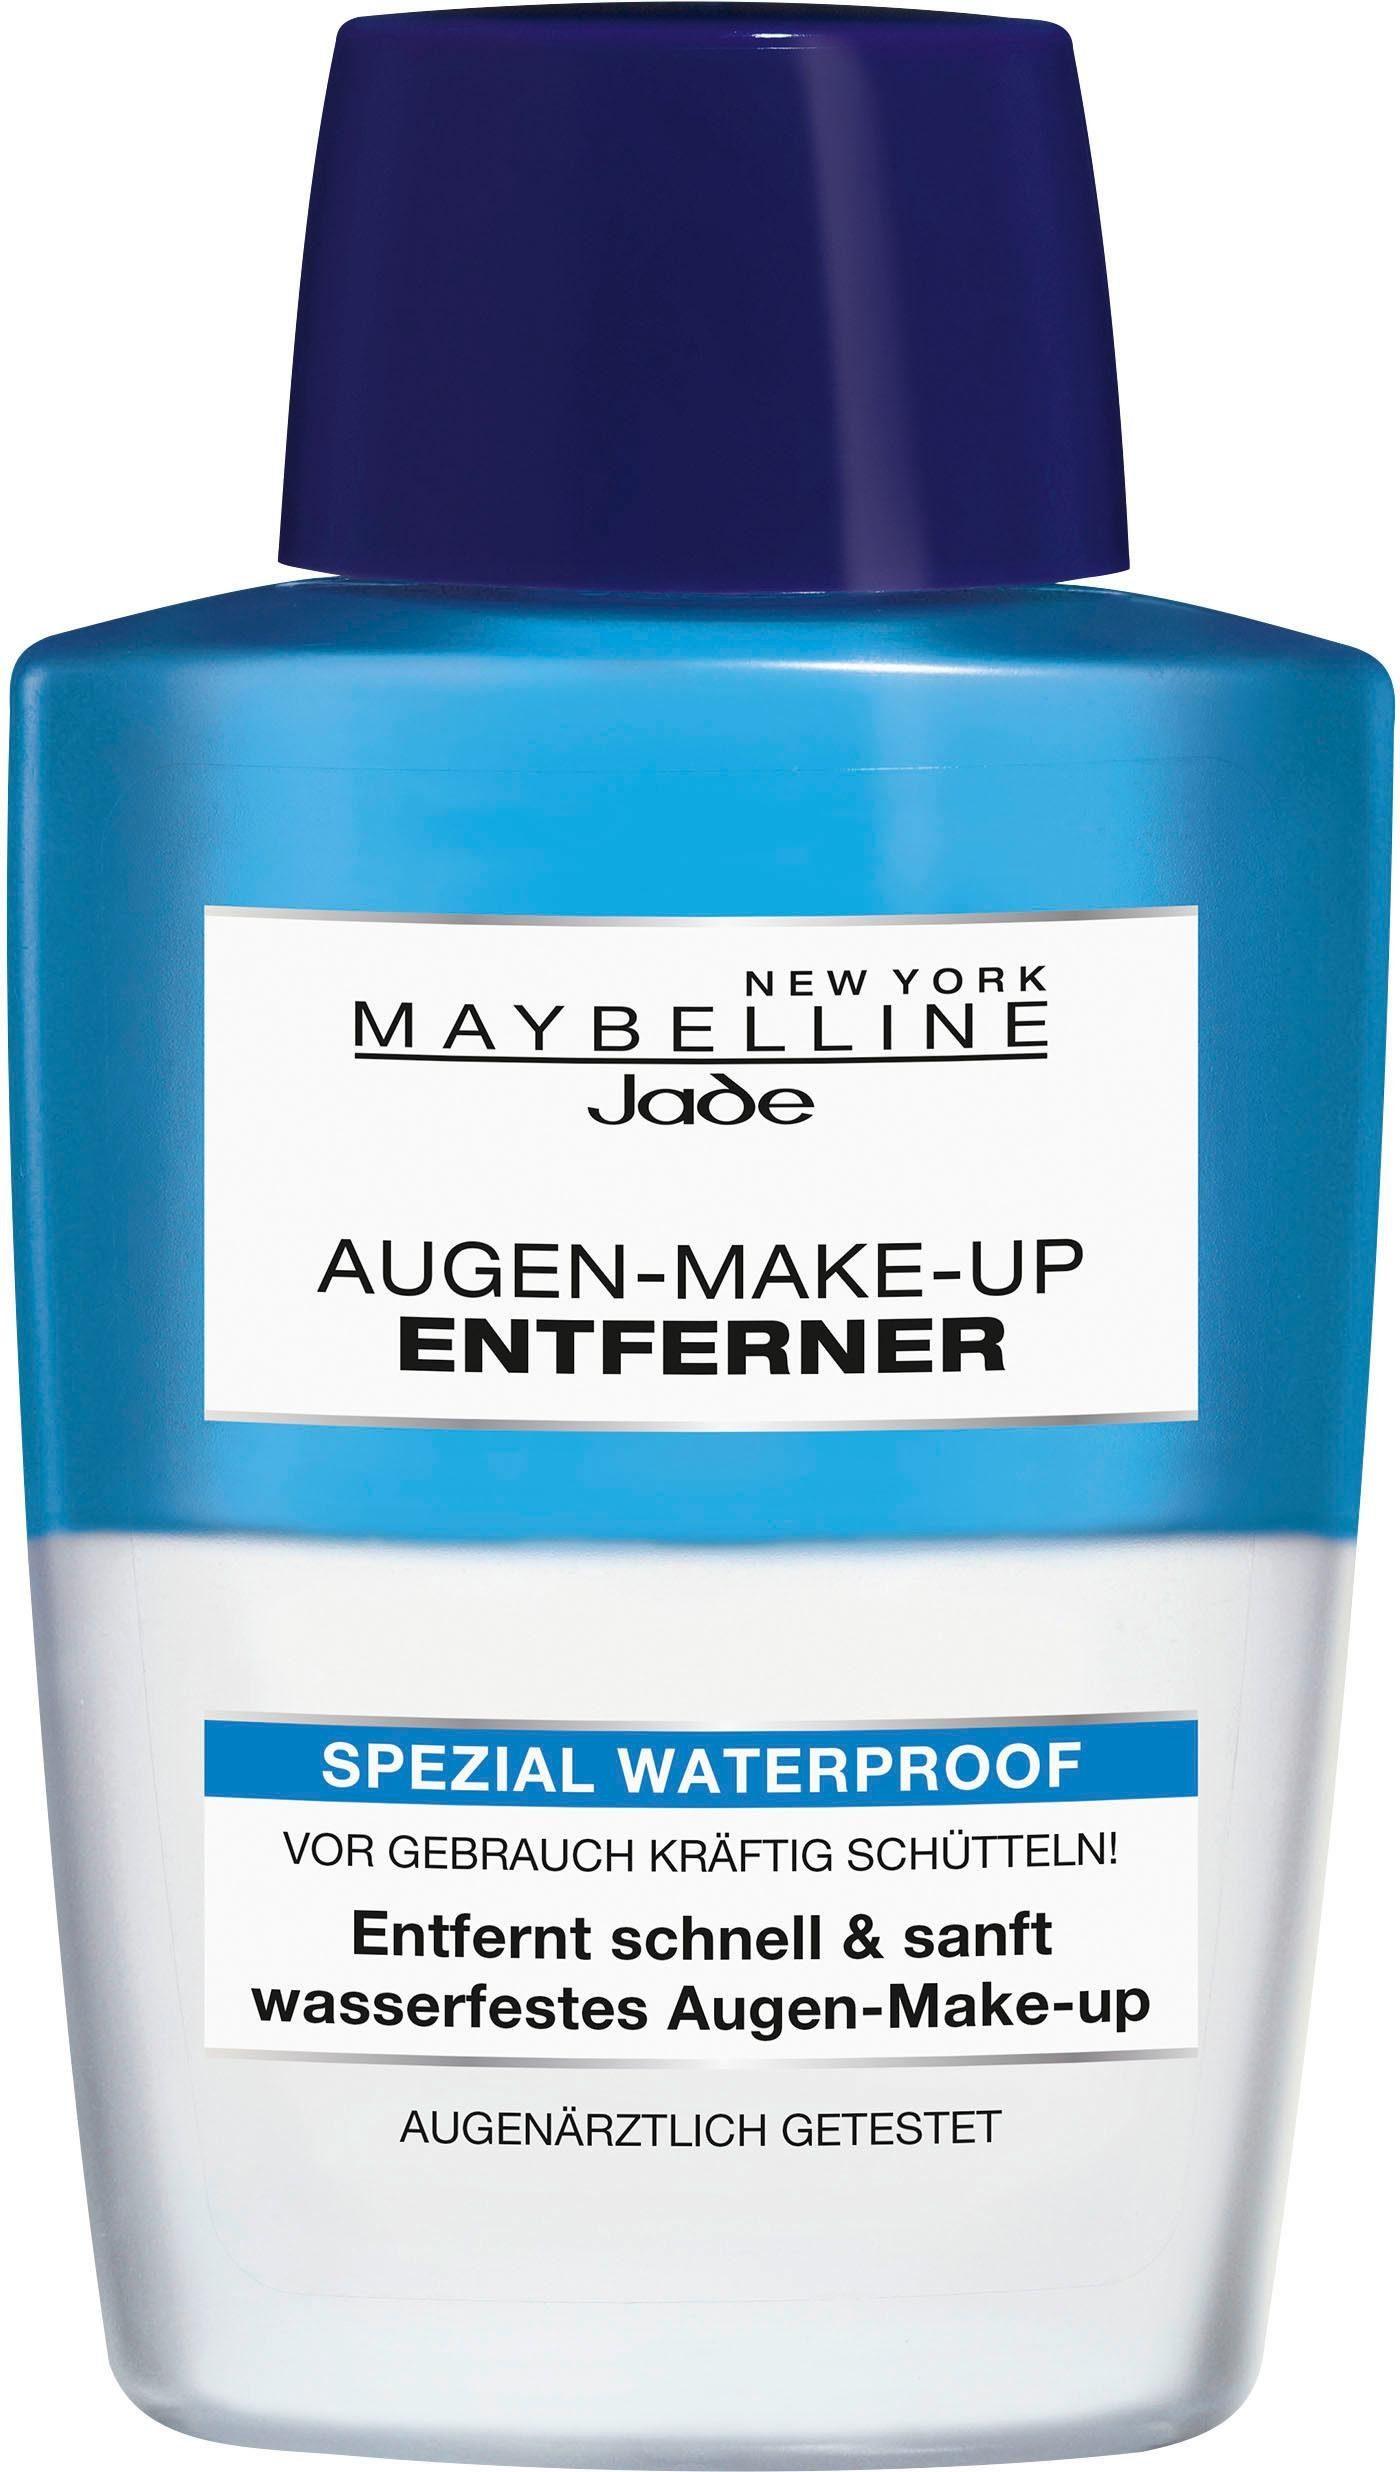 Maybelline New York, »Augen-Make-Up Entferner Waterproof«, Augen-Make-Up-Entferner